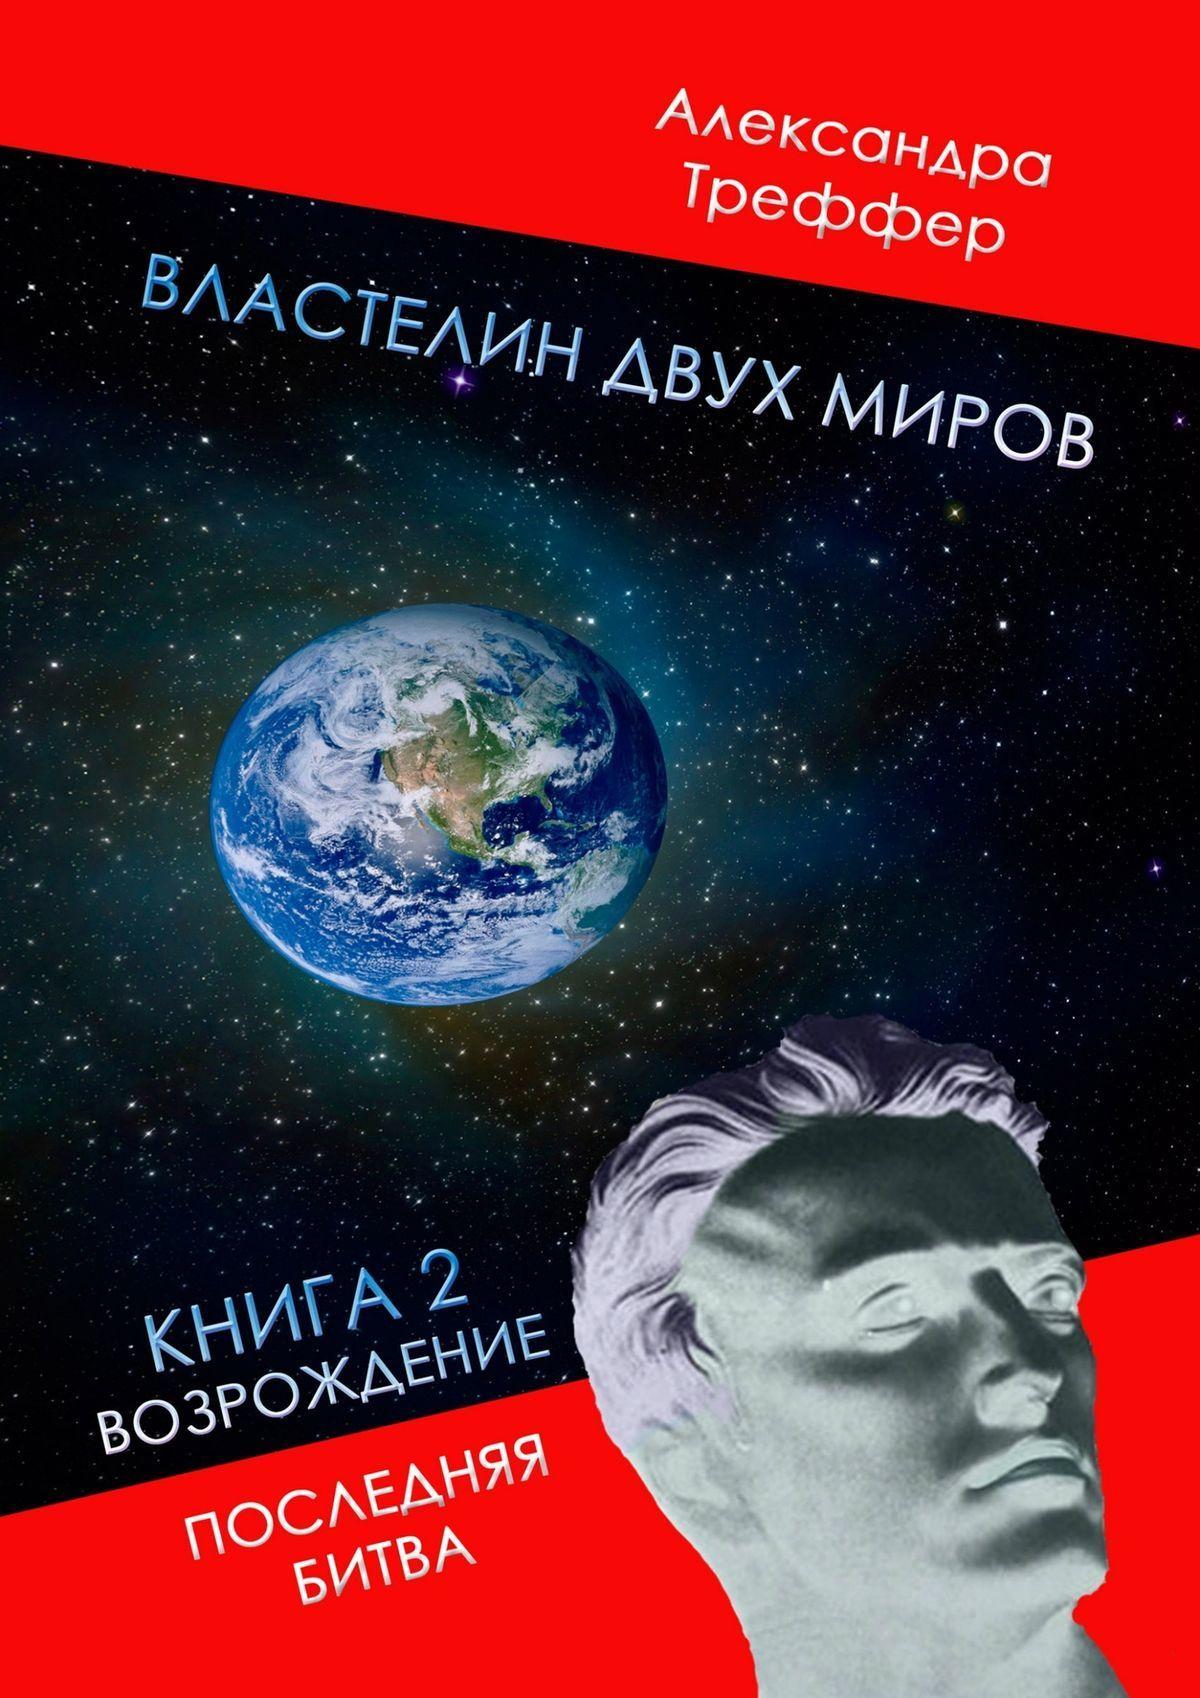 Александра Треффер - Властелин двух миров. Книга2. Возрождение. Последняя битва